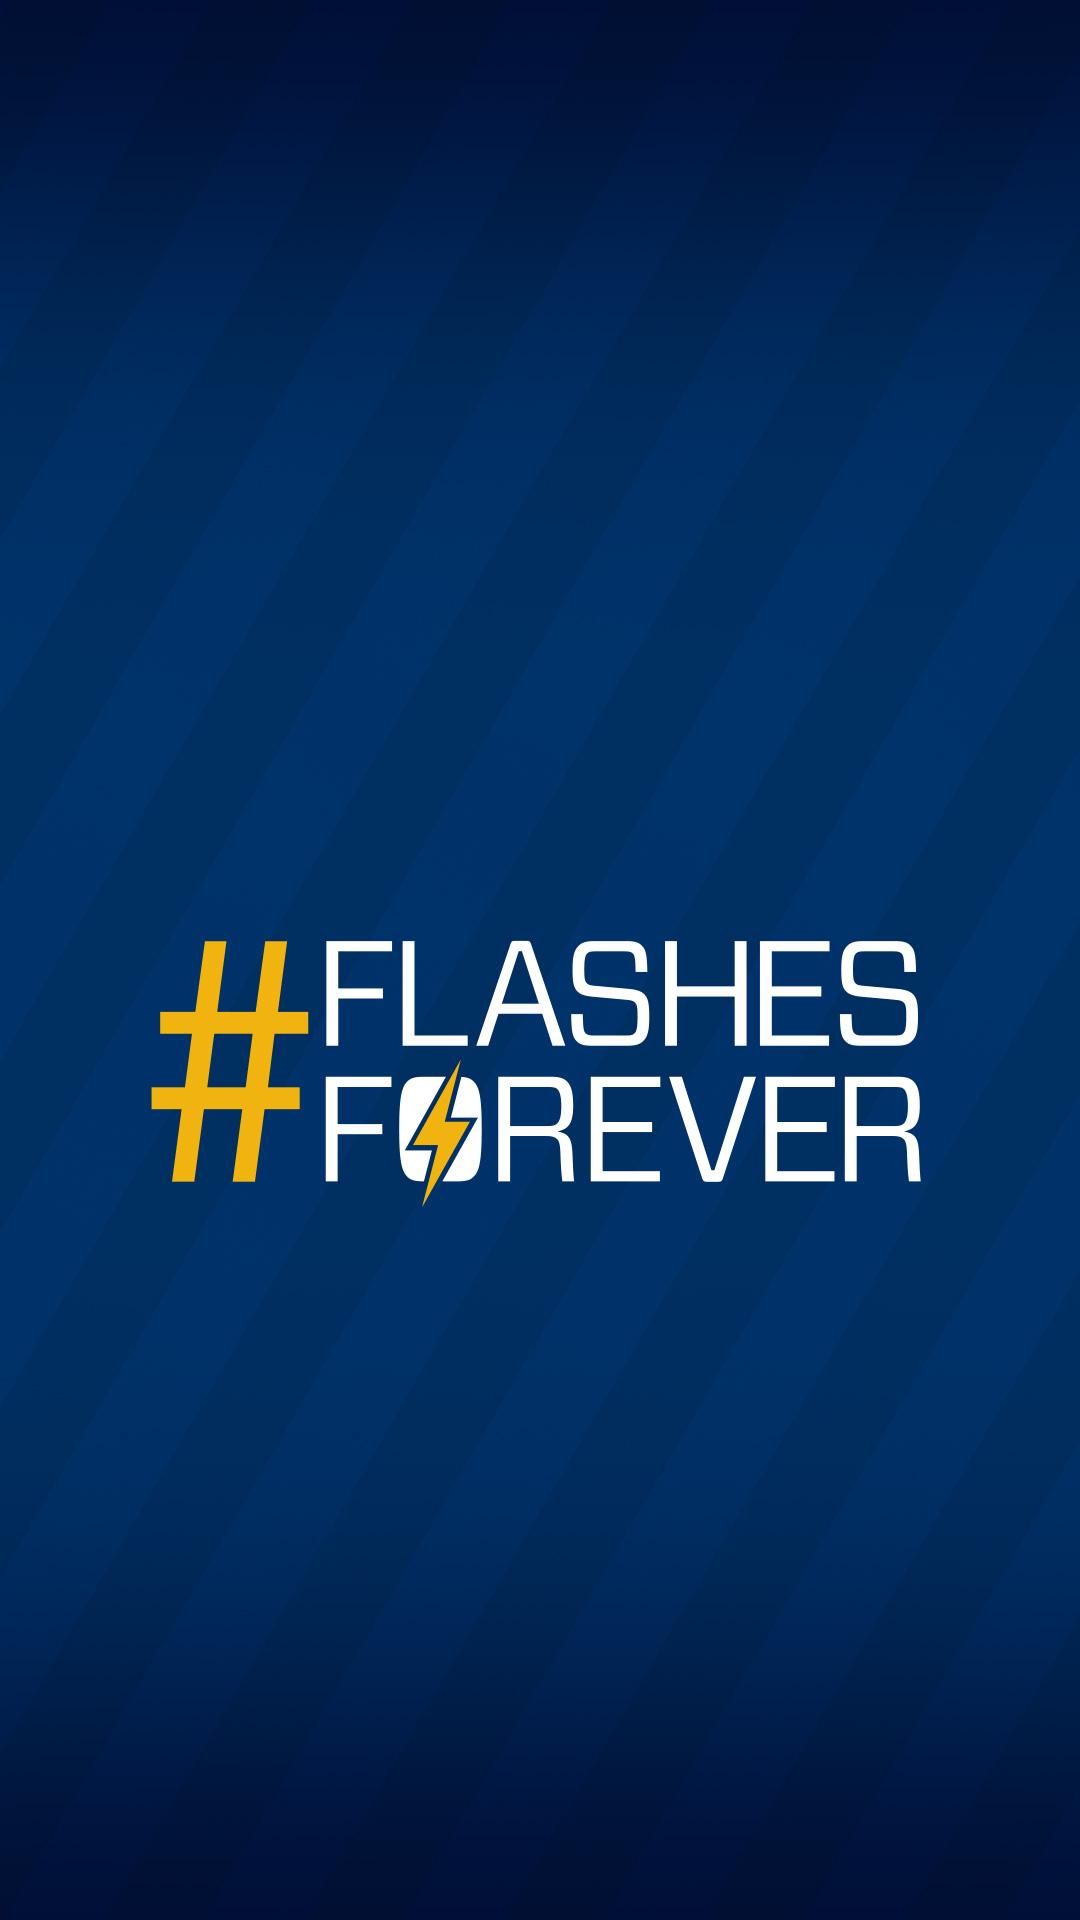 #FlashesForever phone background